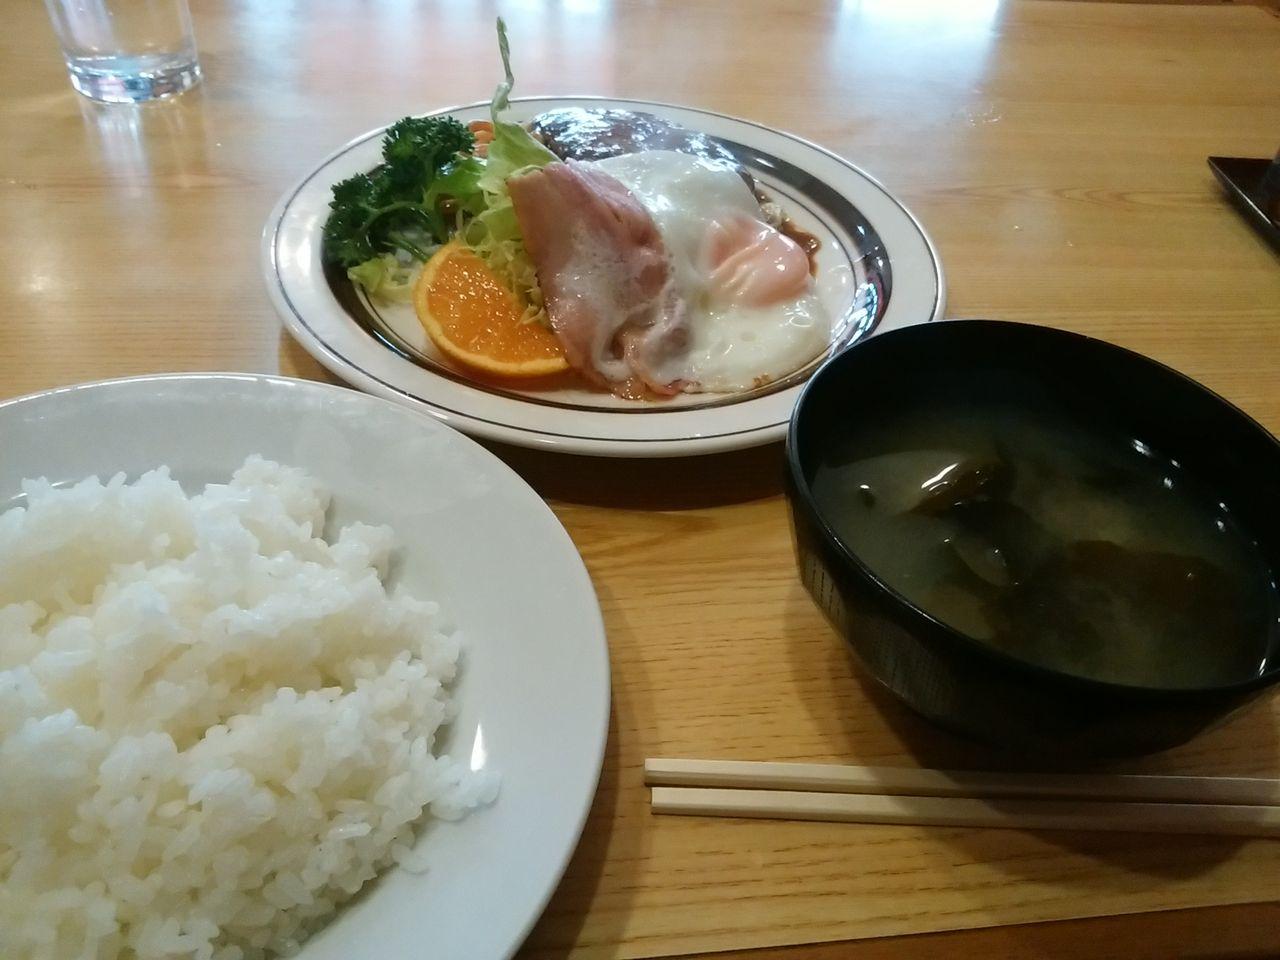 大崎シェアハウス近くの定食屋